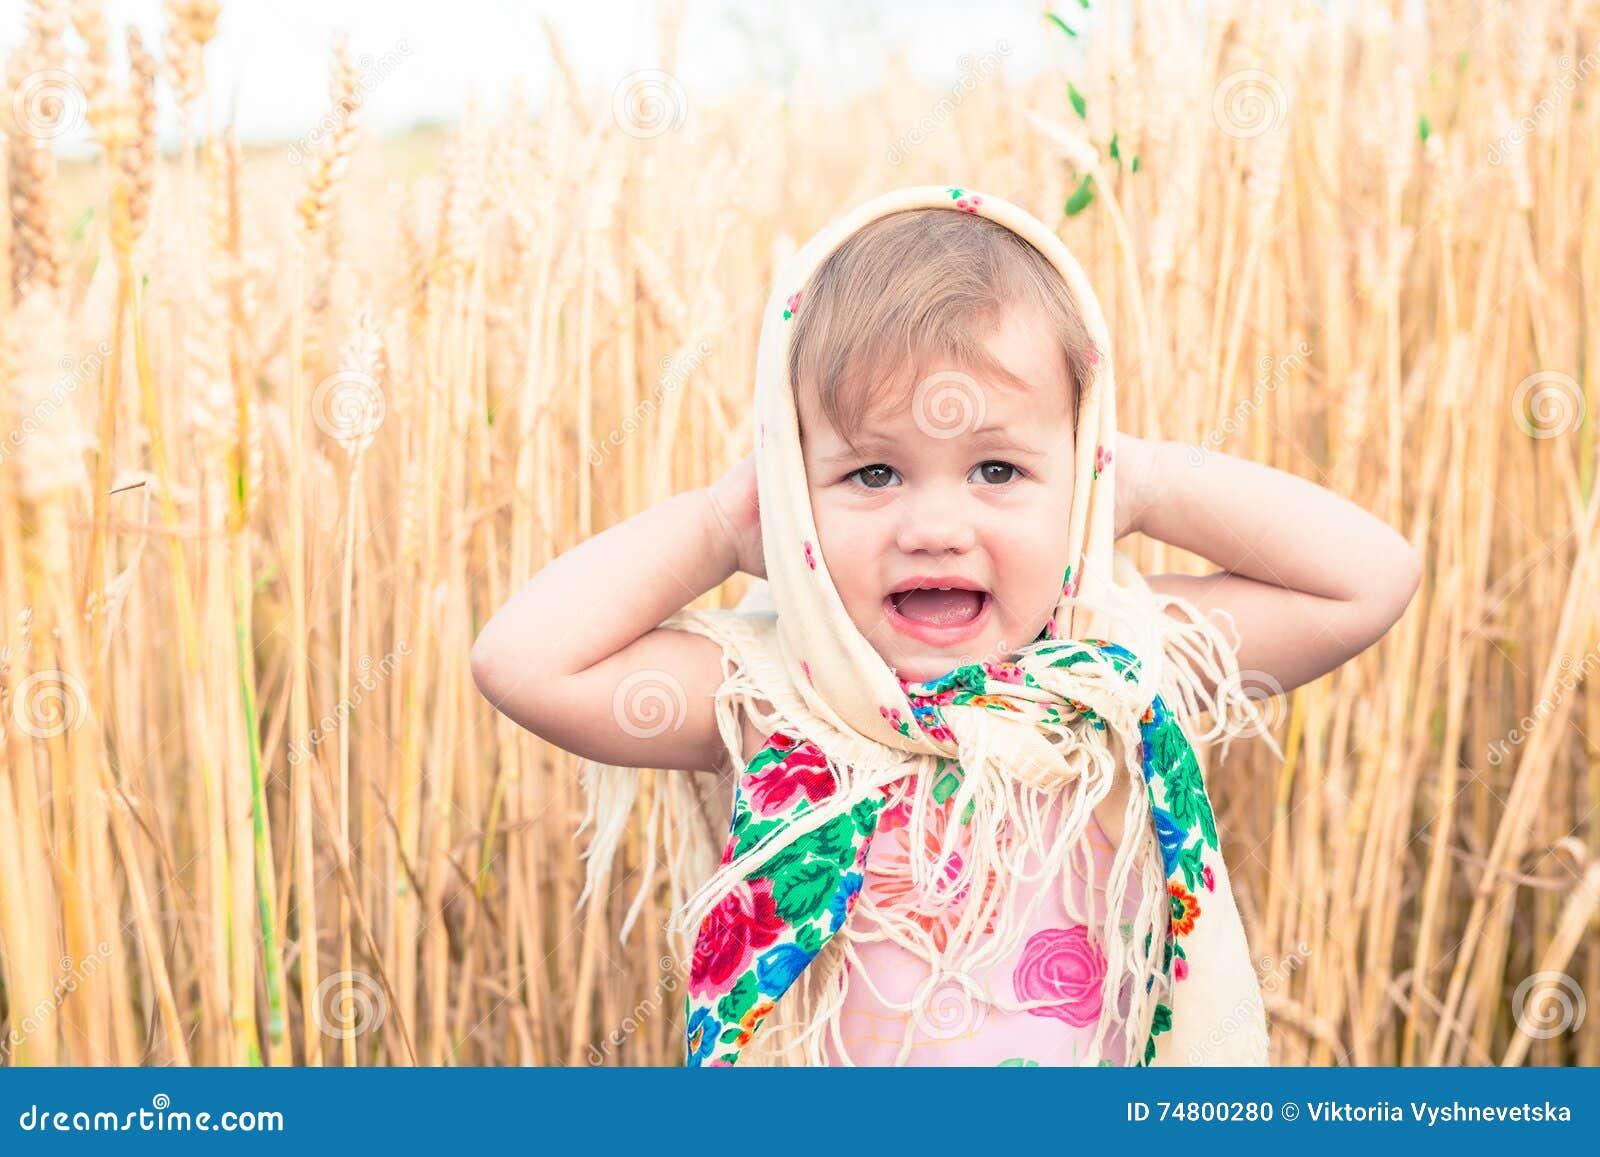 267cd5a431ba Lilla flickan i halsduk står i mitt av fältet och gråter Föräldralöers  sociala problem